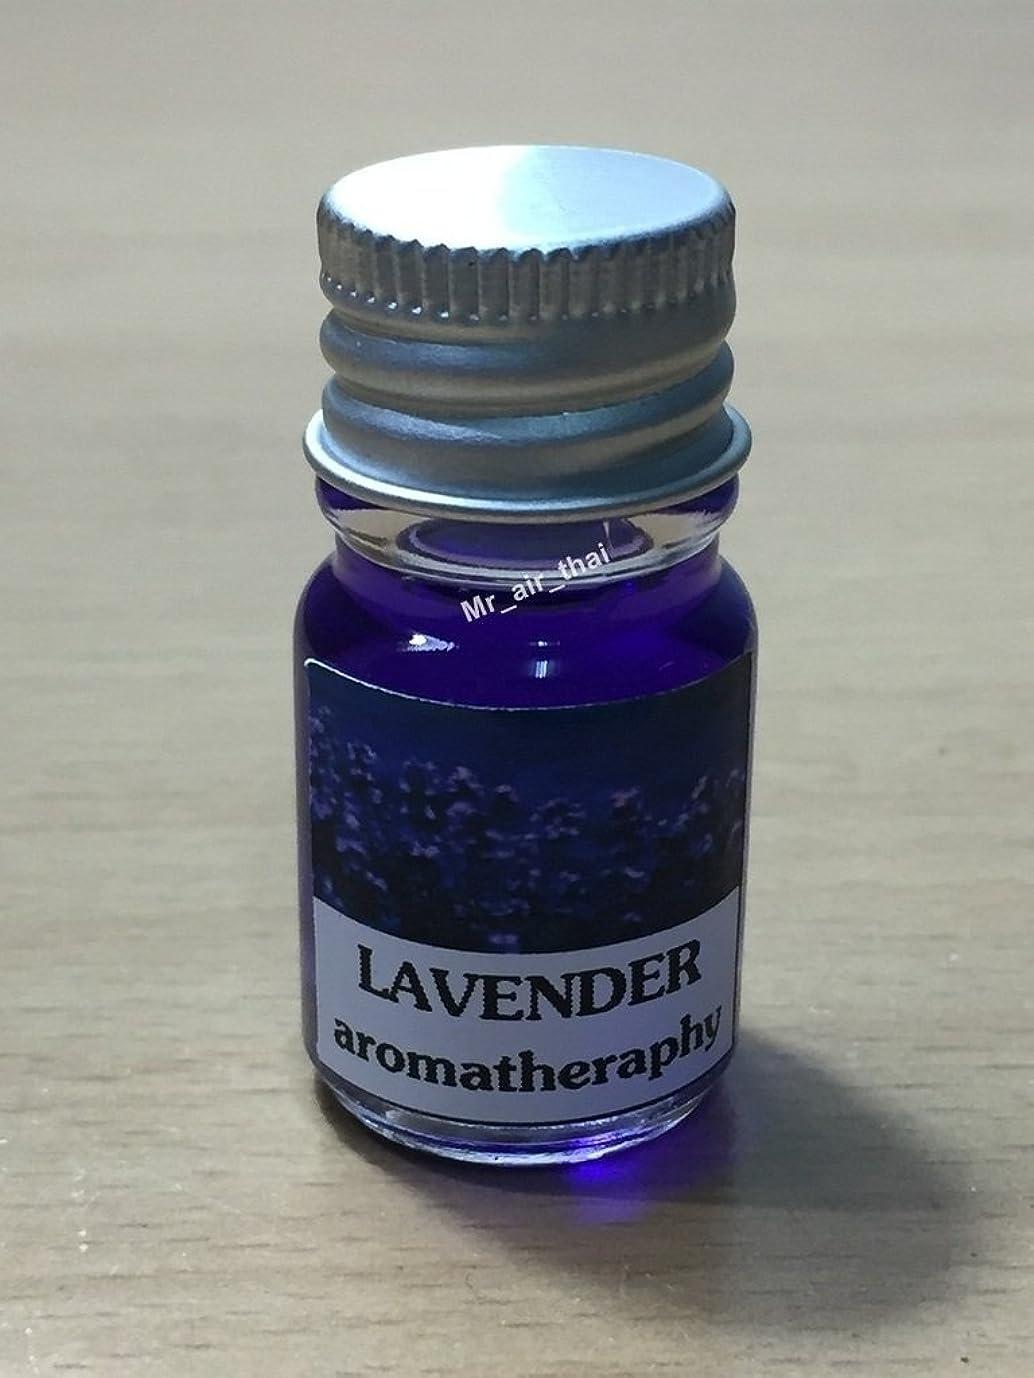 先に見てふつう5ミリリットルアロマラベンダーフランクインセンスエッセンシャルオイルボトルアロマテラピーオイル自然自然5ml Aroma Lavender Frankincense Essential Oil Bottles Aromatherapy Oils natural nature